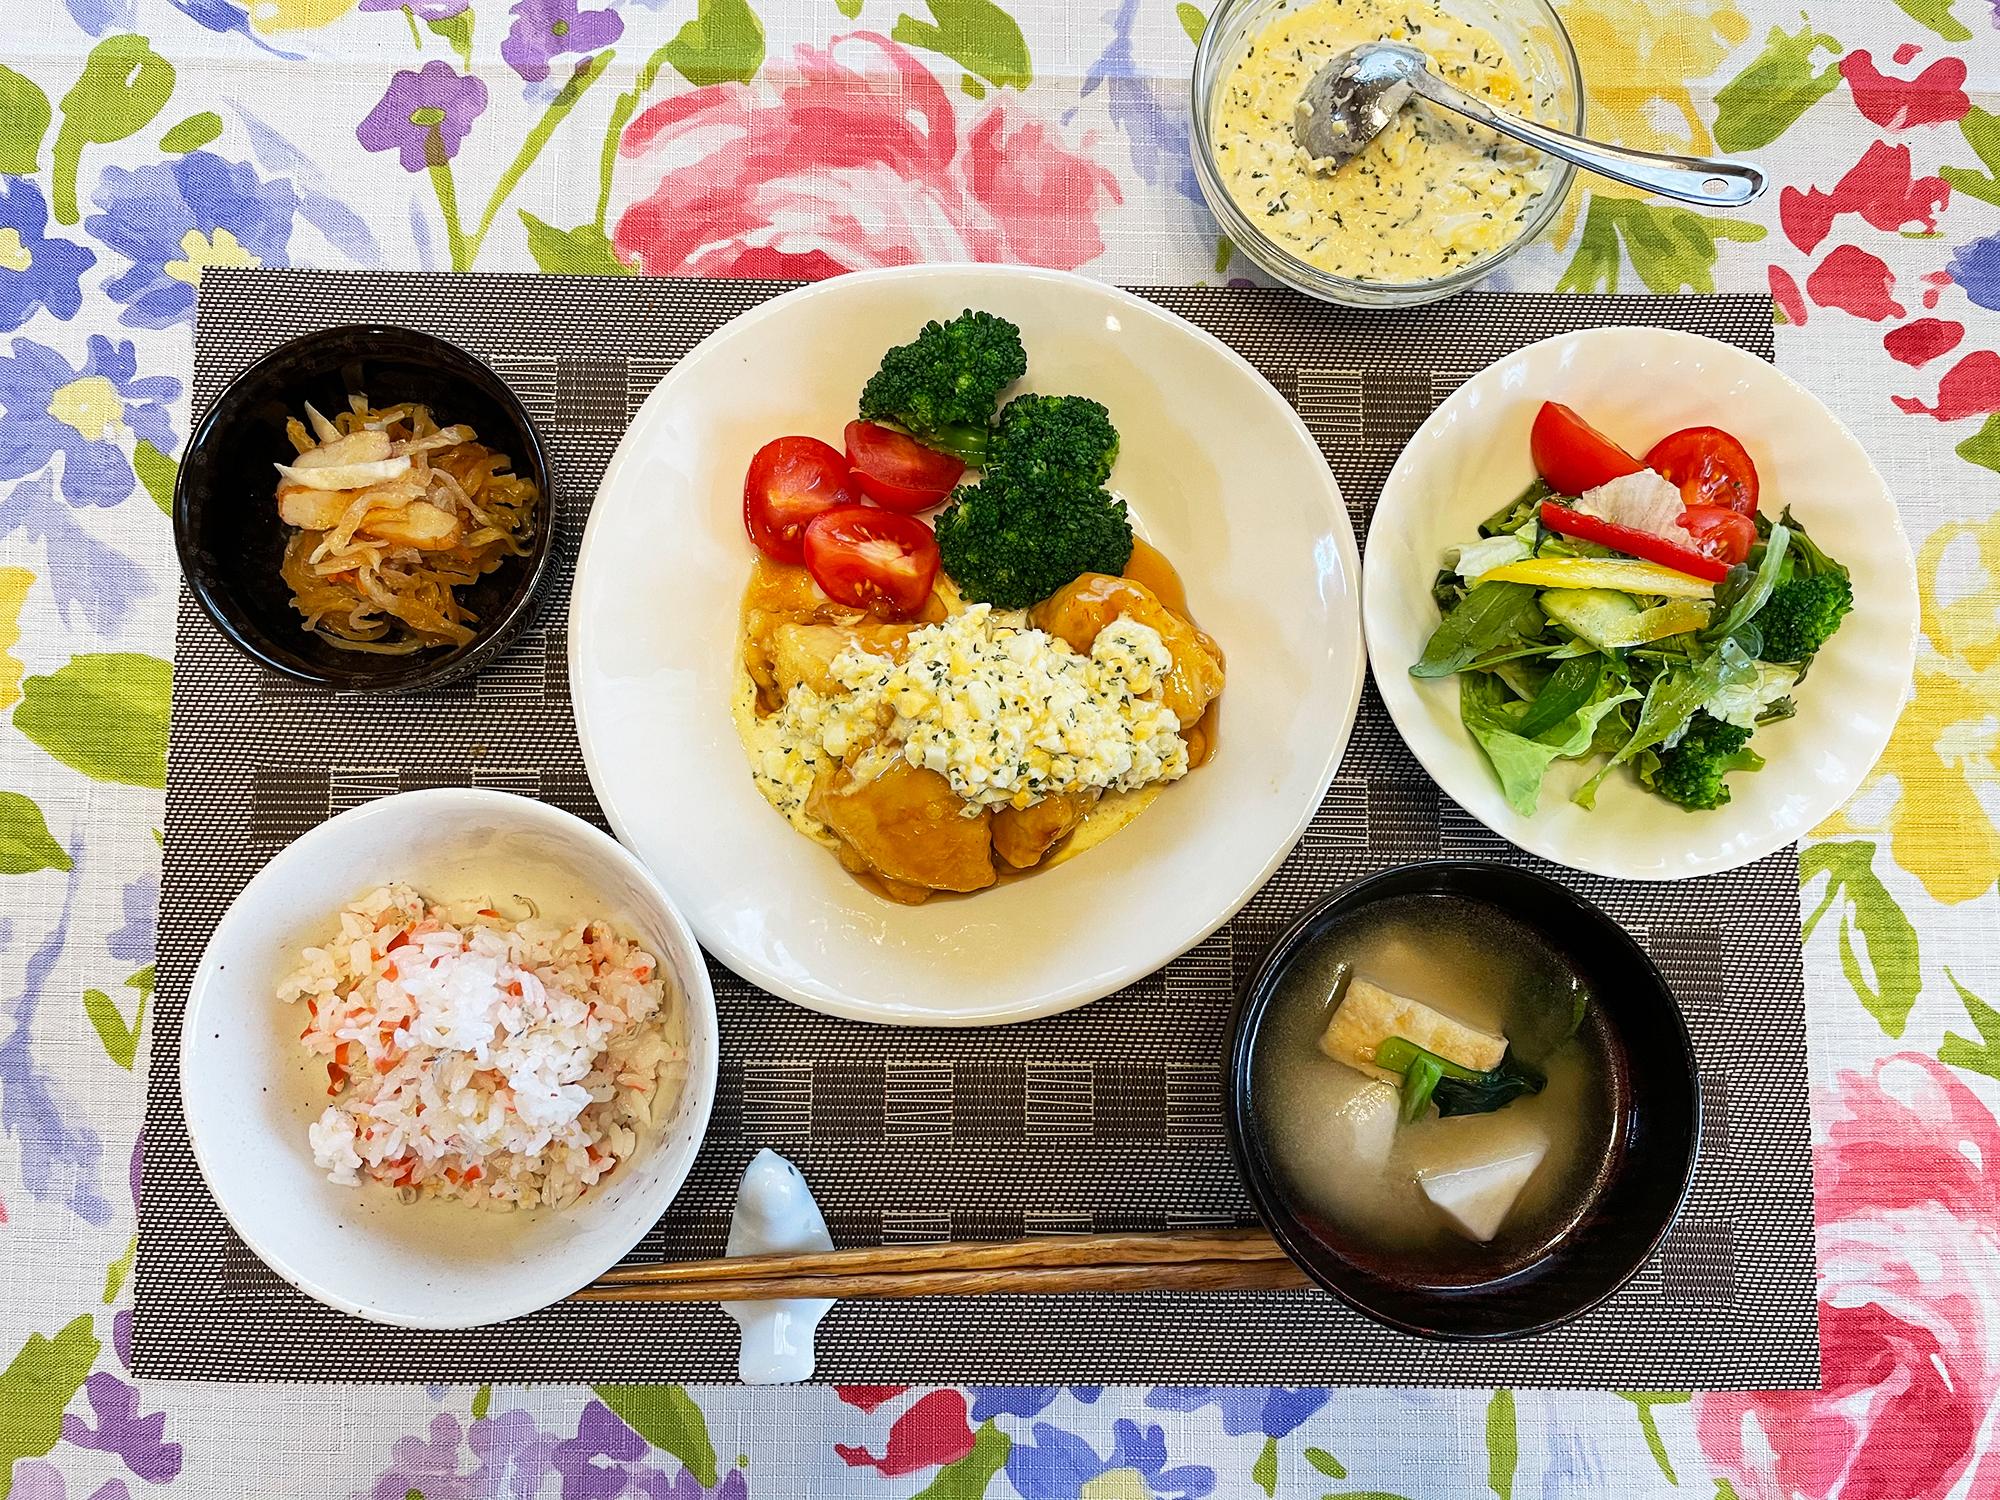 マンツーマン料理教室 アロマガーデン福岡市中央区薬院